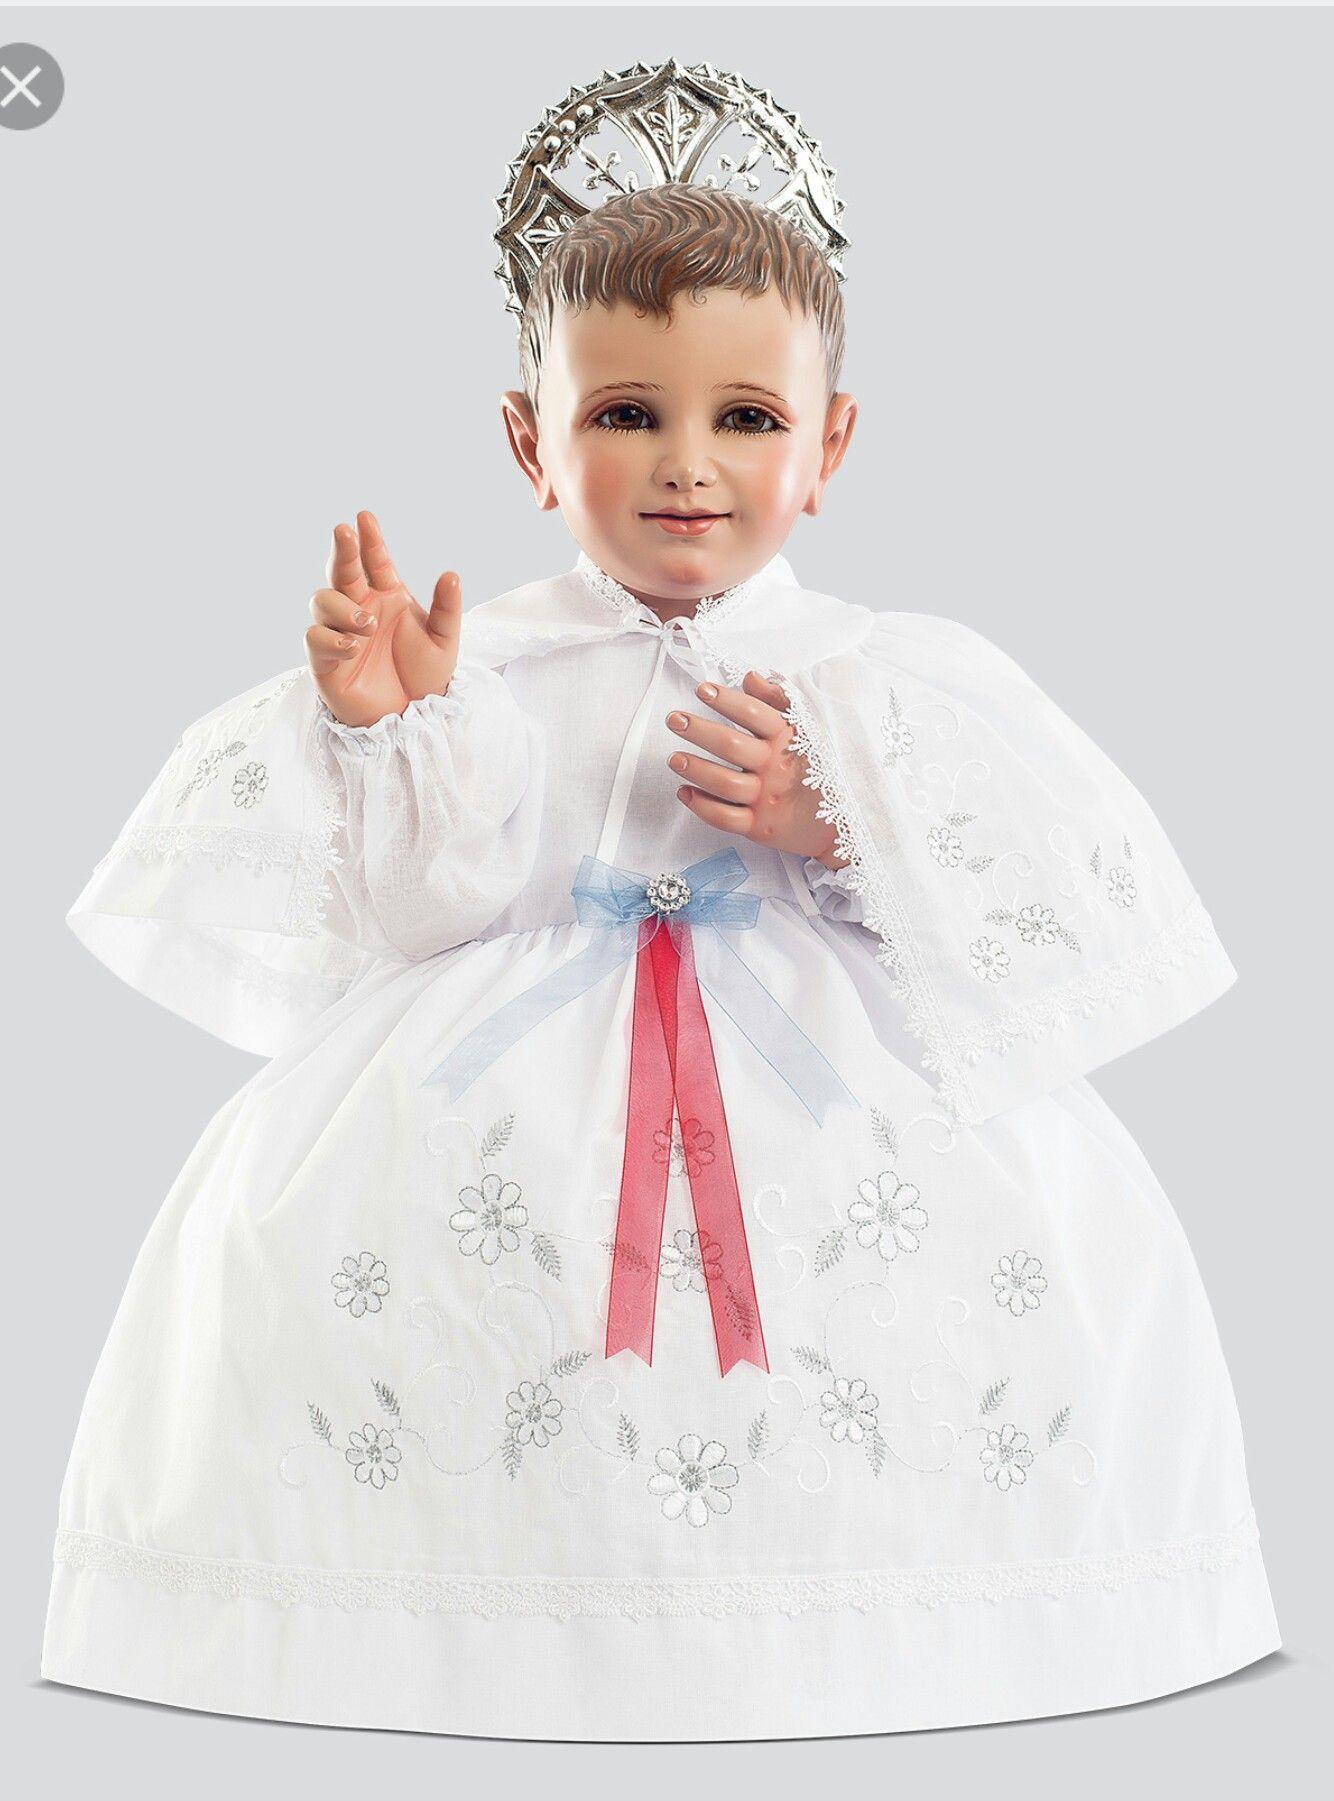 Vestido Del Niño De La Misericordia Niño Dios Vestido